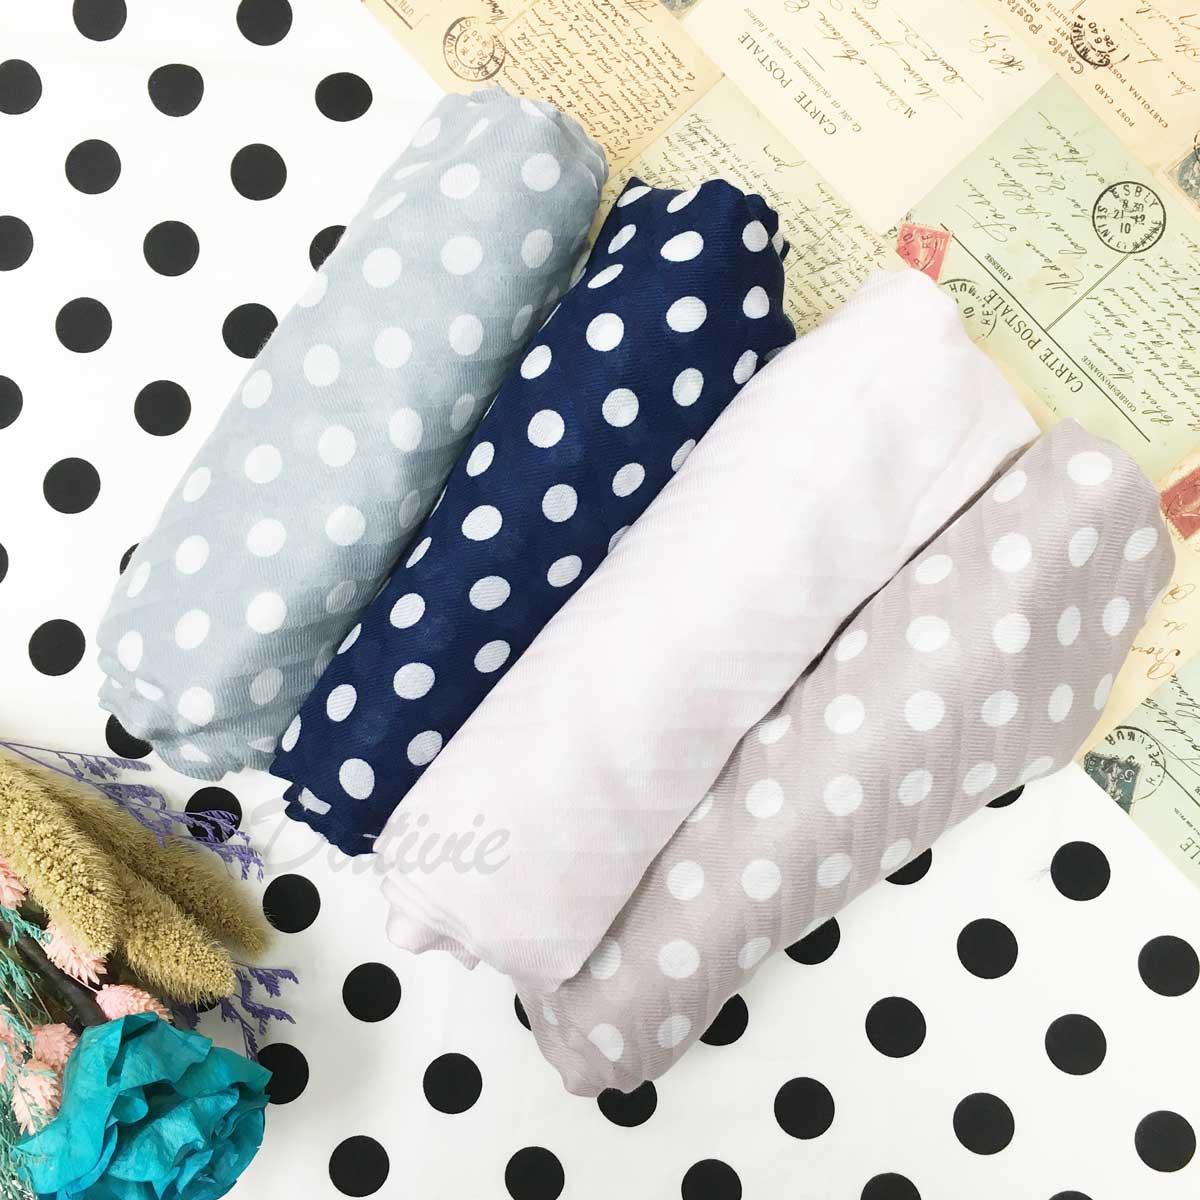 絲巾 點點 條紋  混搭 薄圍巾 保暖 四色